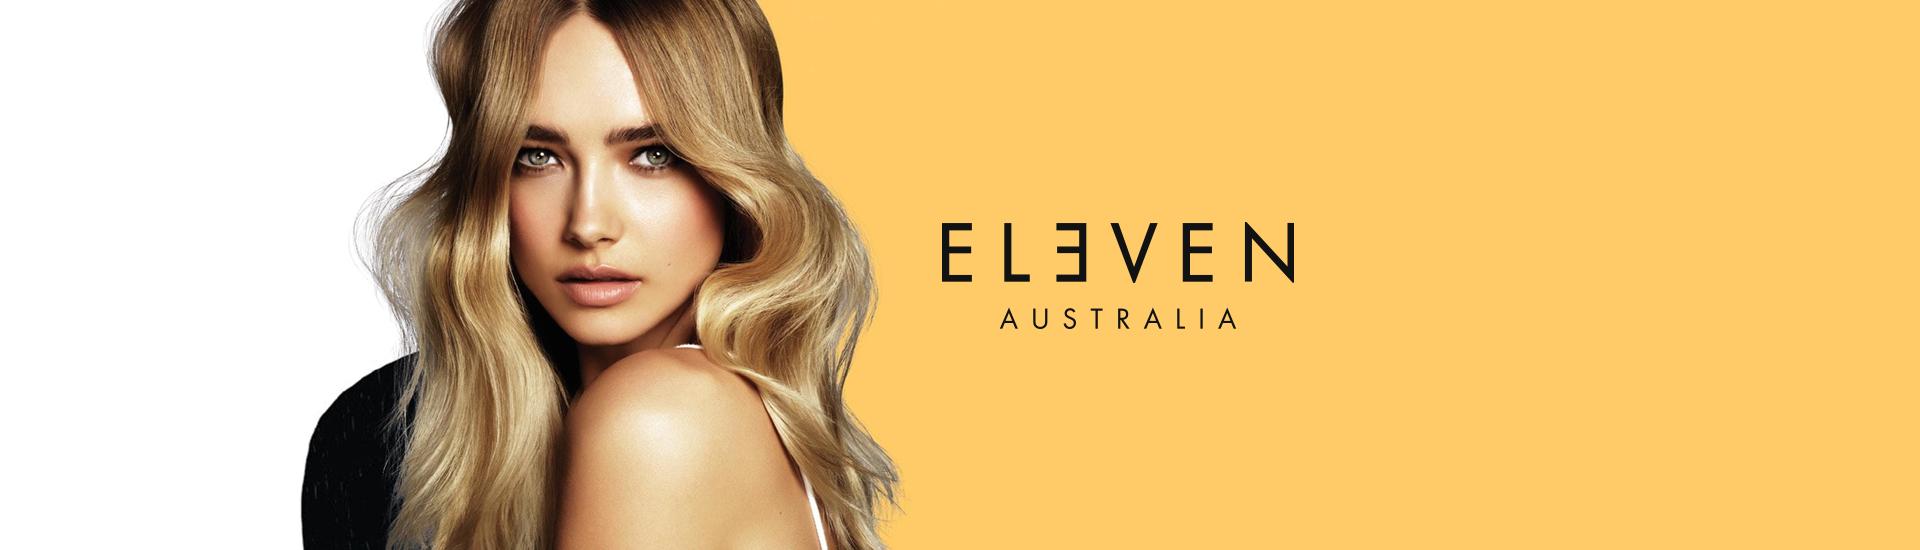 Eleven Australia 1920x550